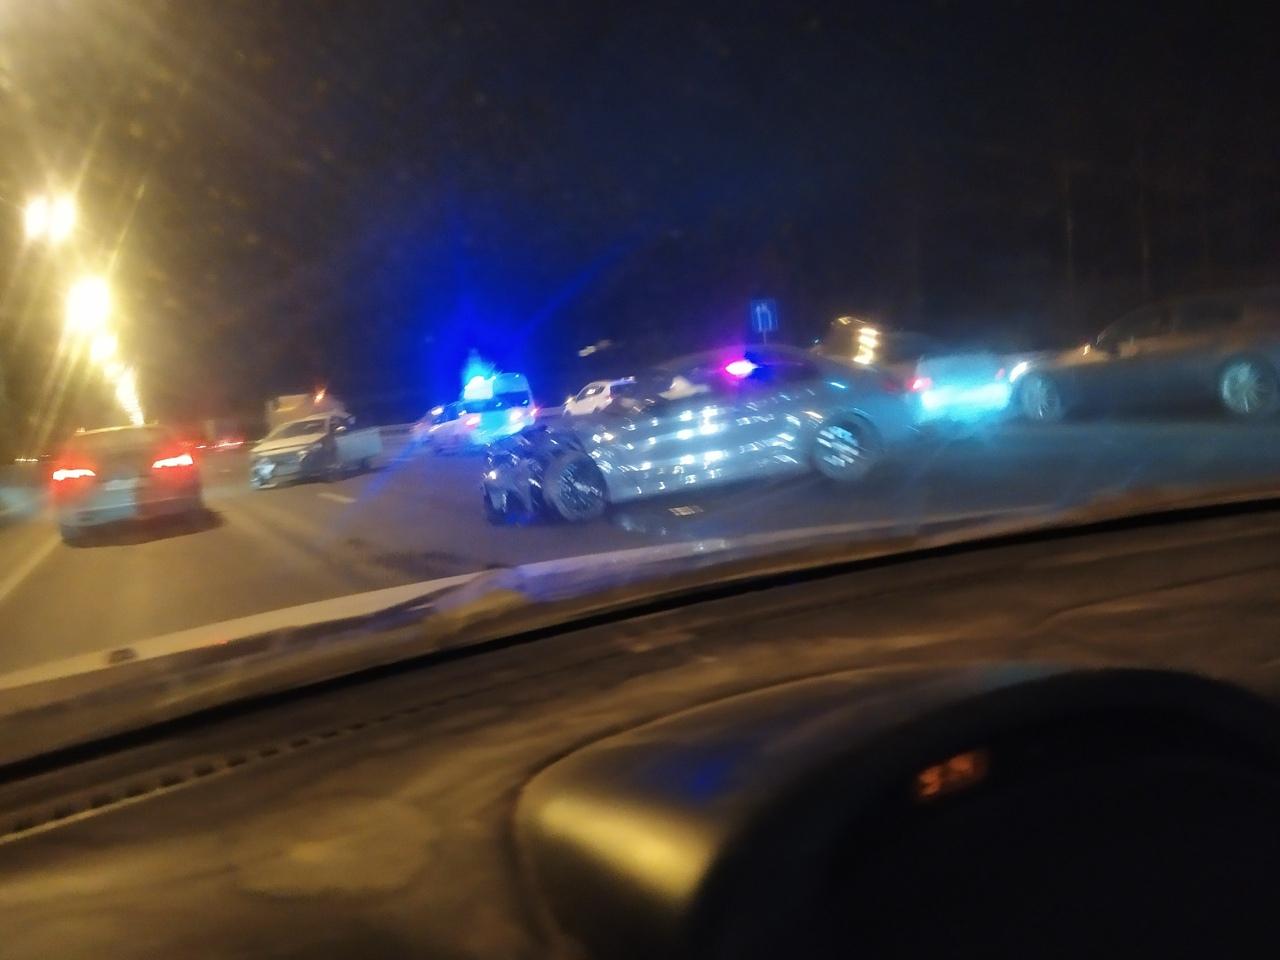 Авария на 23 км Киевского шоссе в сторону Гатчины. ДПС и скорая на месте. Пробка приличная